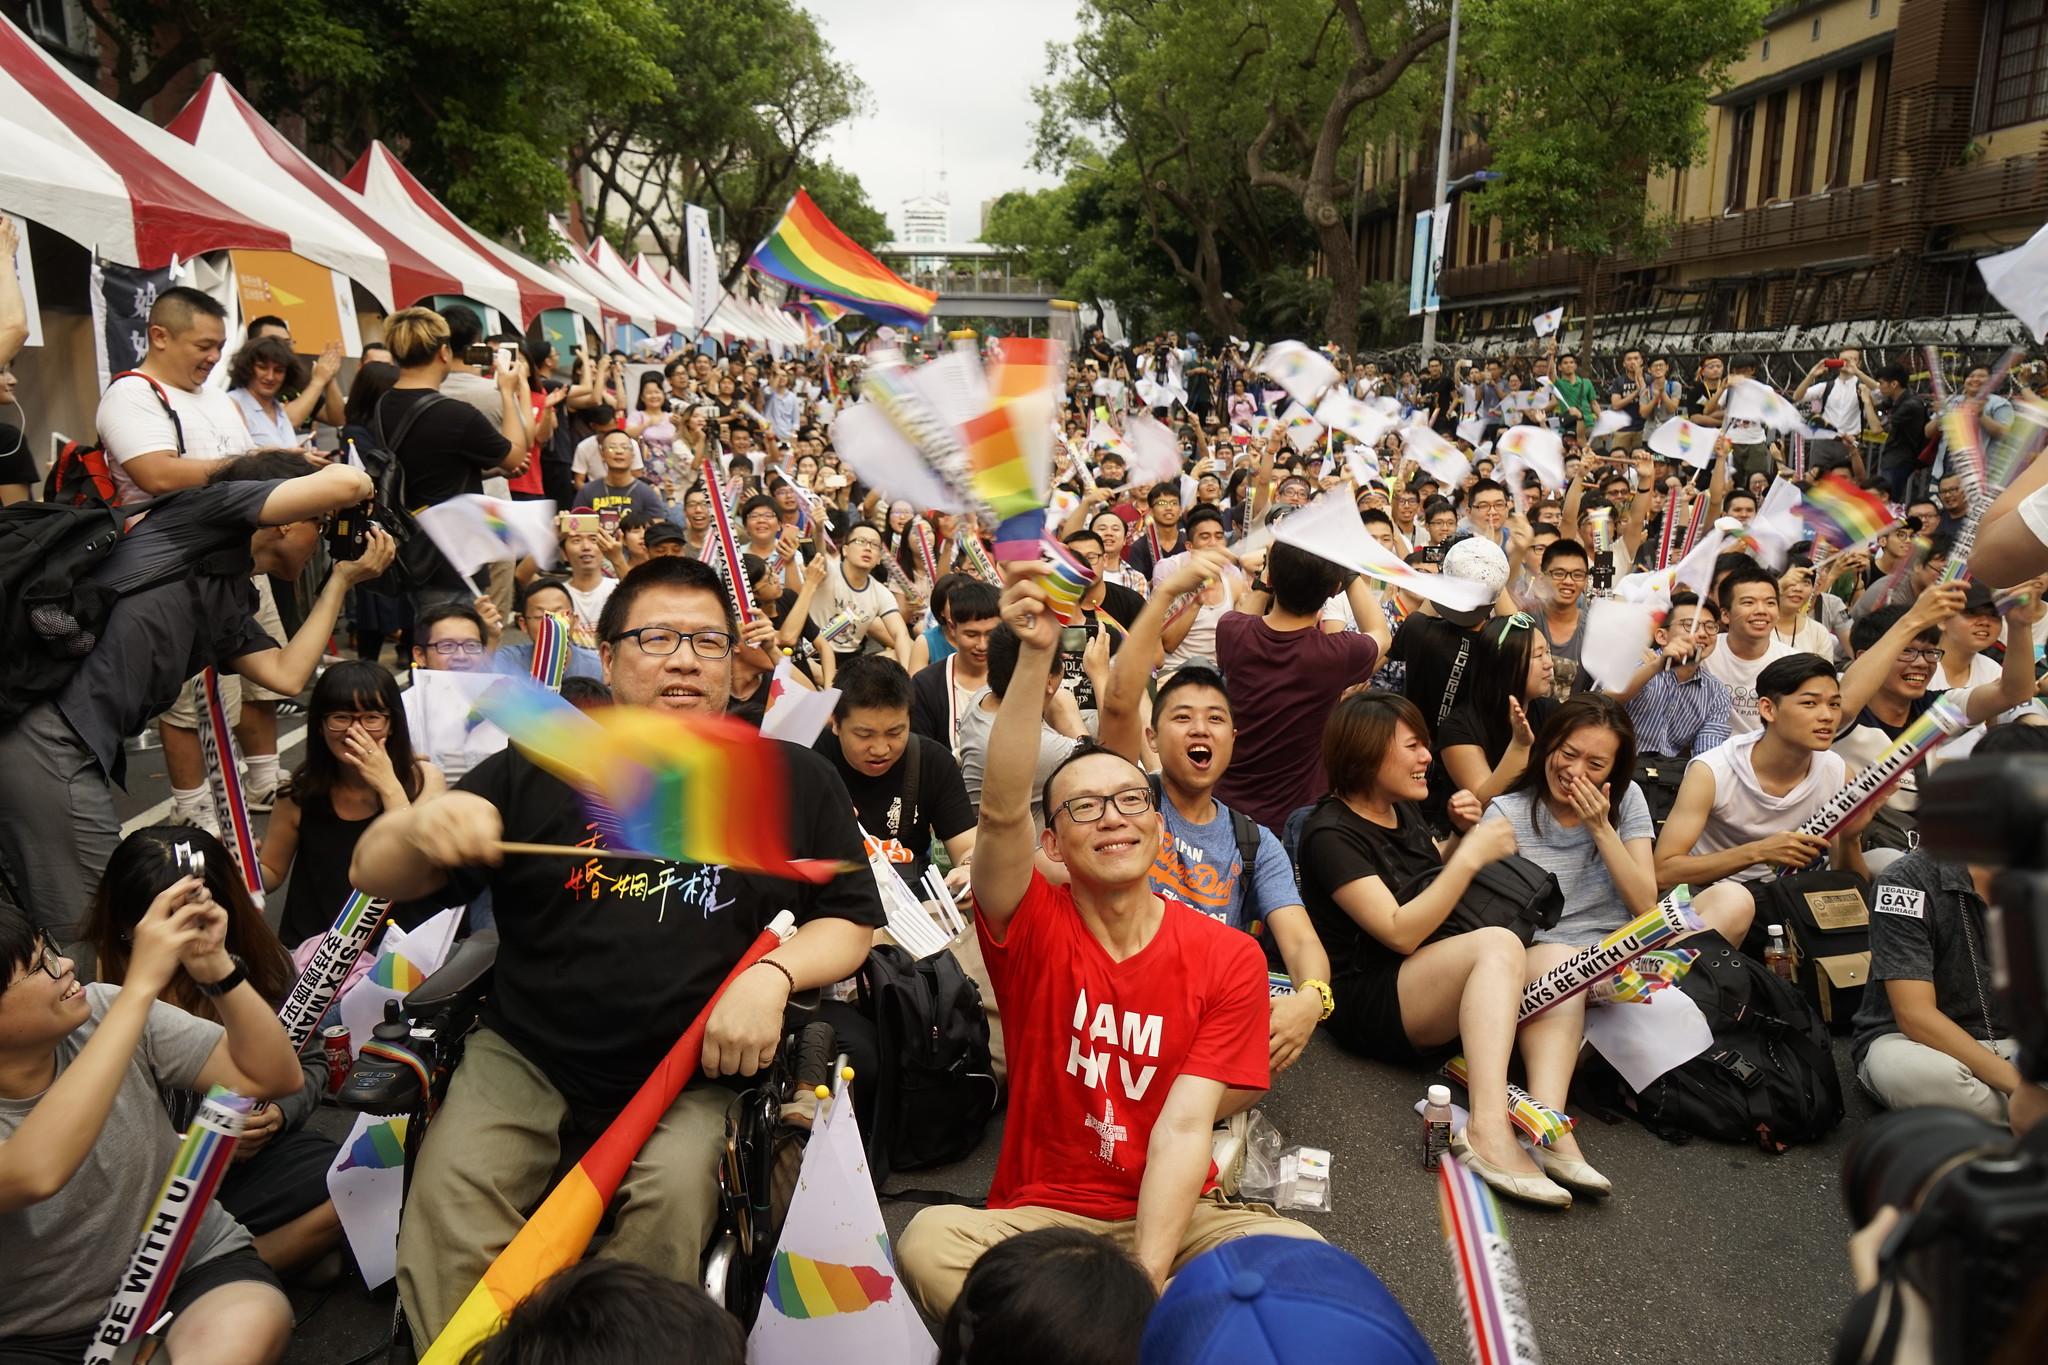 支持同婚合法化的民眾。(攝影:張宗坤)